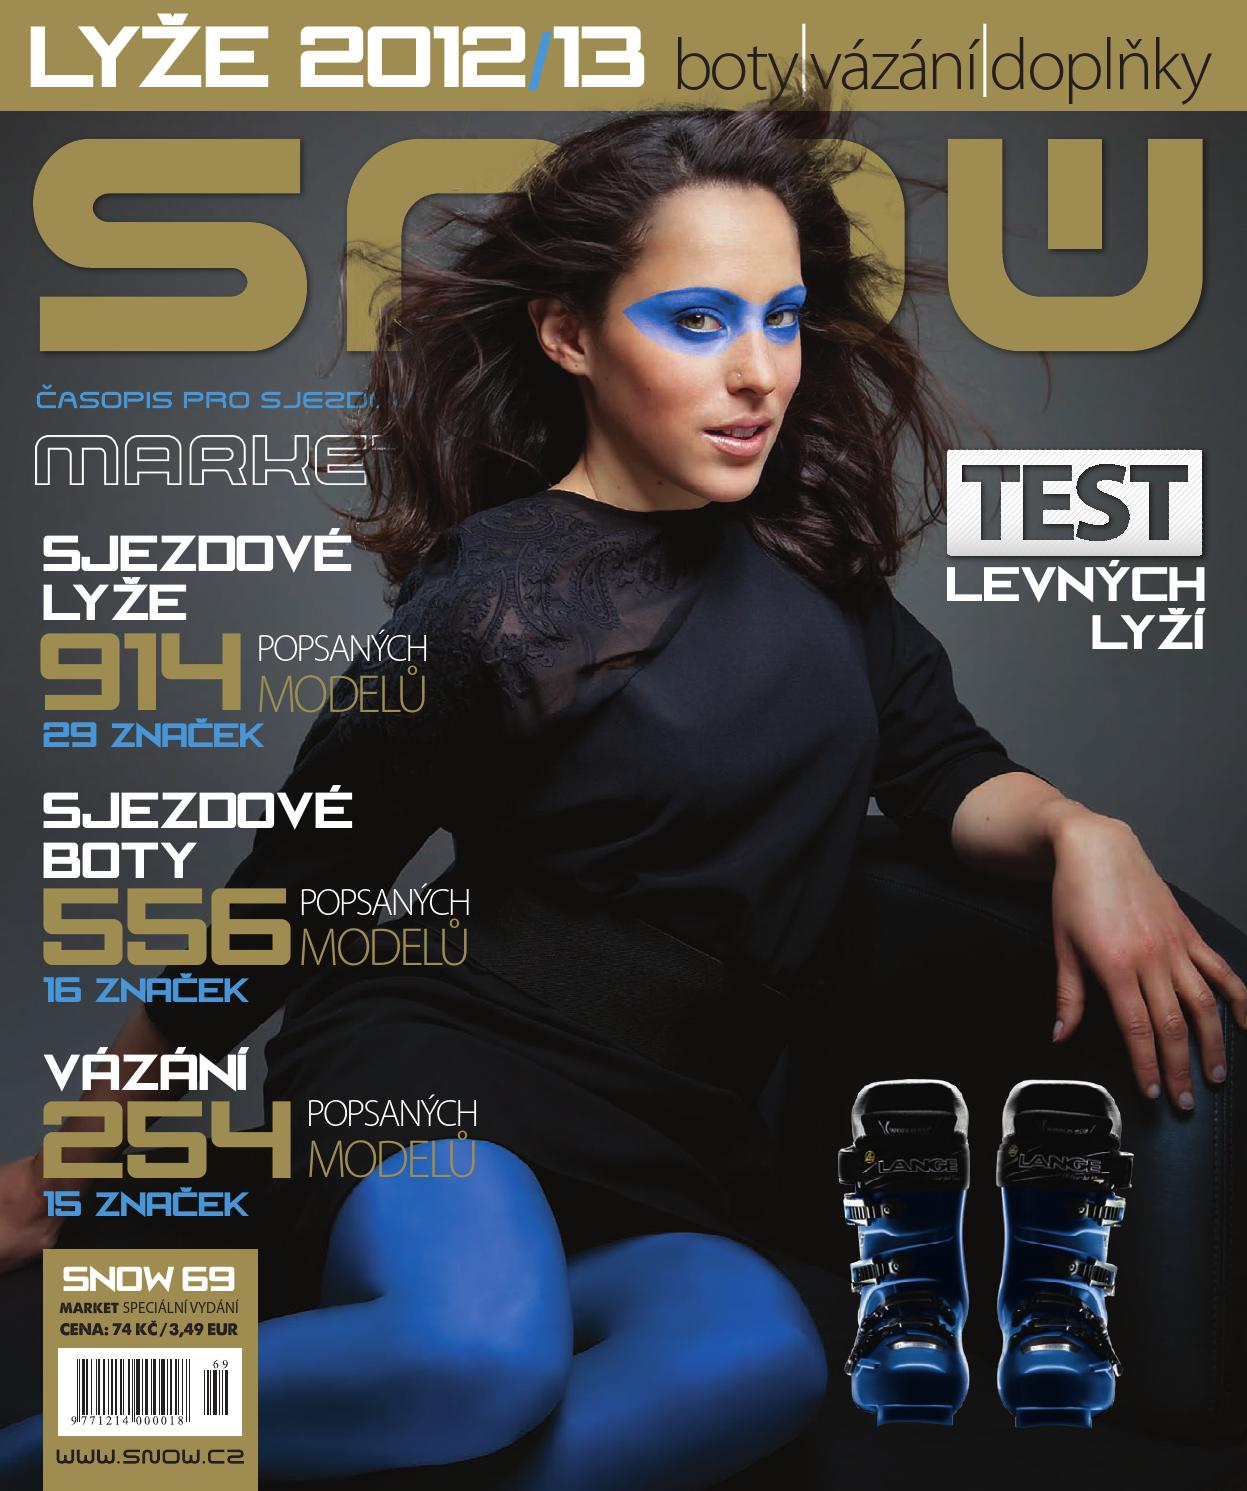 SNOW 76 Market - lyže a testy lyží 2013 2014 by SNOW CZ s.r.o. - issuu 26382c823e6